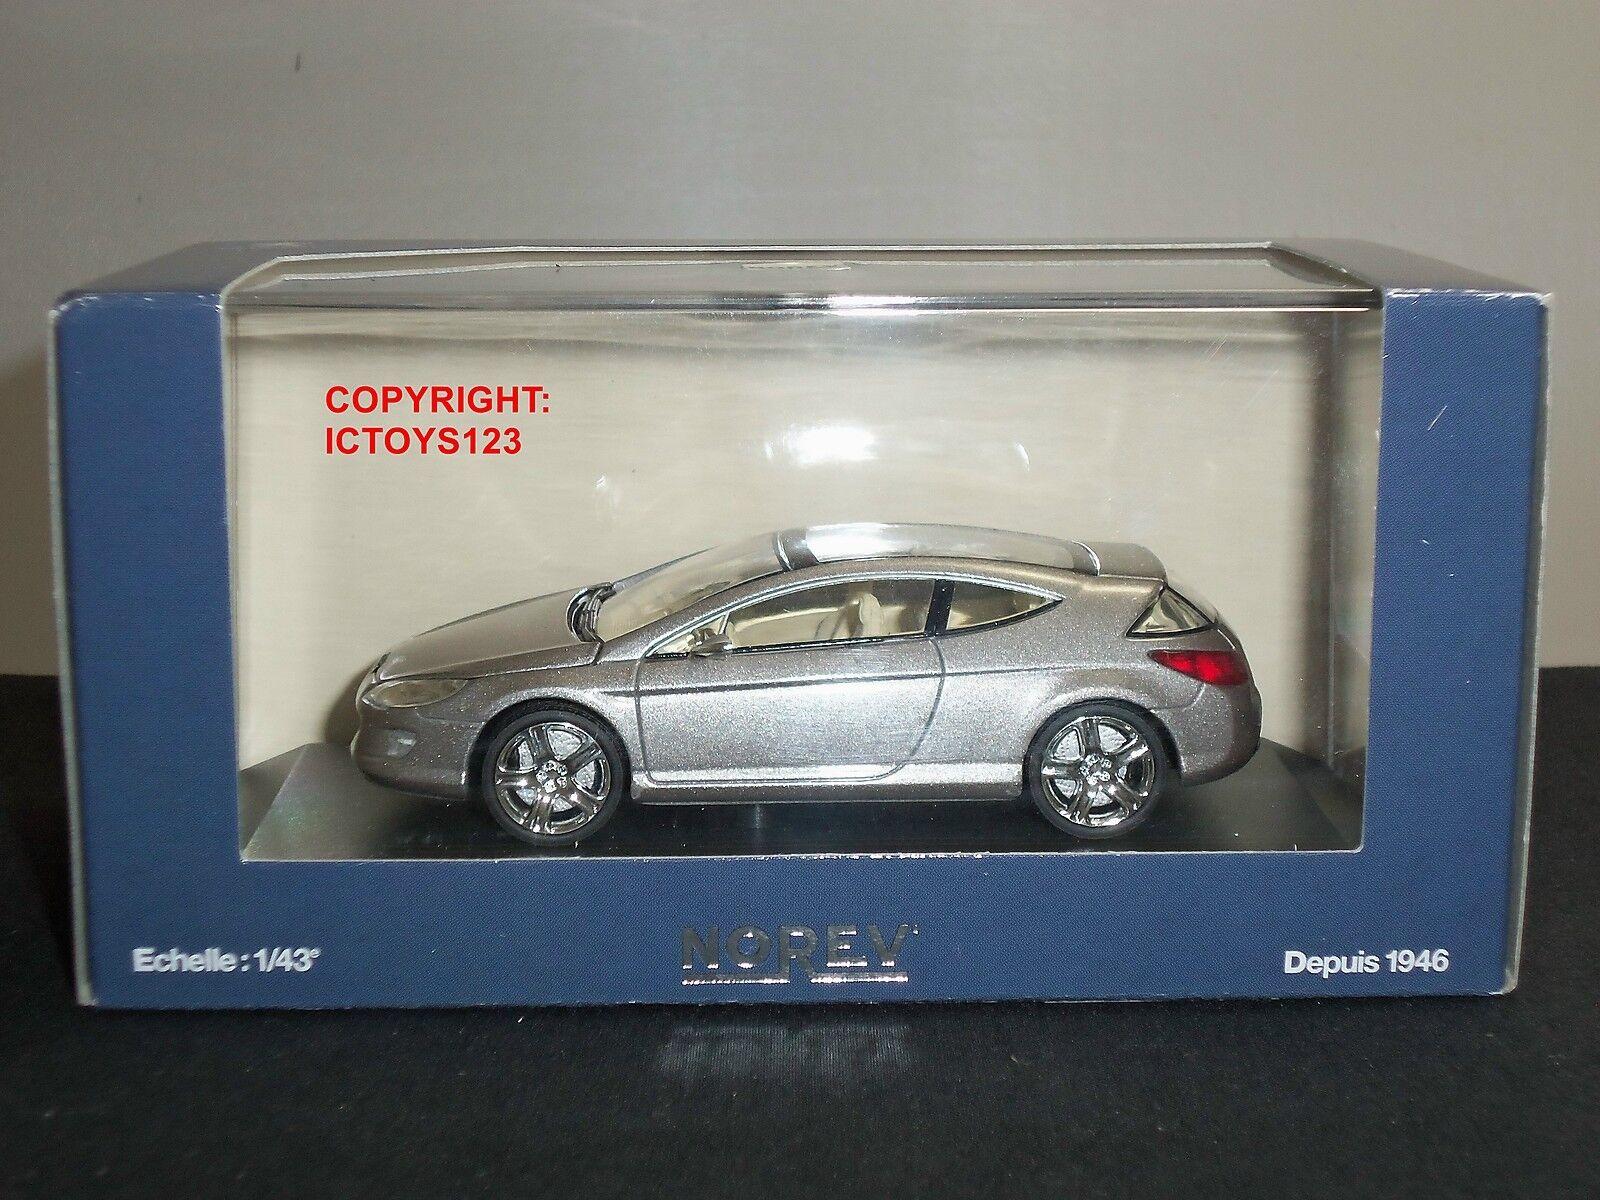 Superbe Noël Crazy, Crazy, Crazy, bonne année salutations Norev 474730 peugeot 407 elixir Argent  diecast voiture modèle   Good Design  cdb3fd